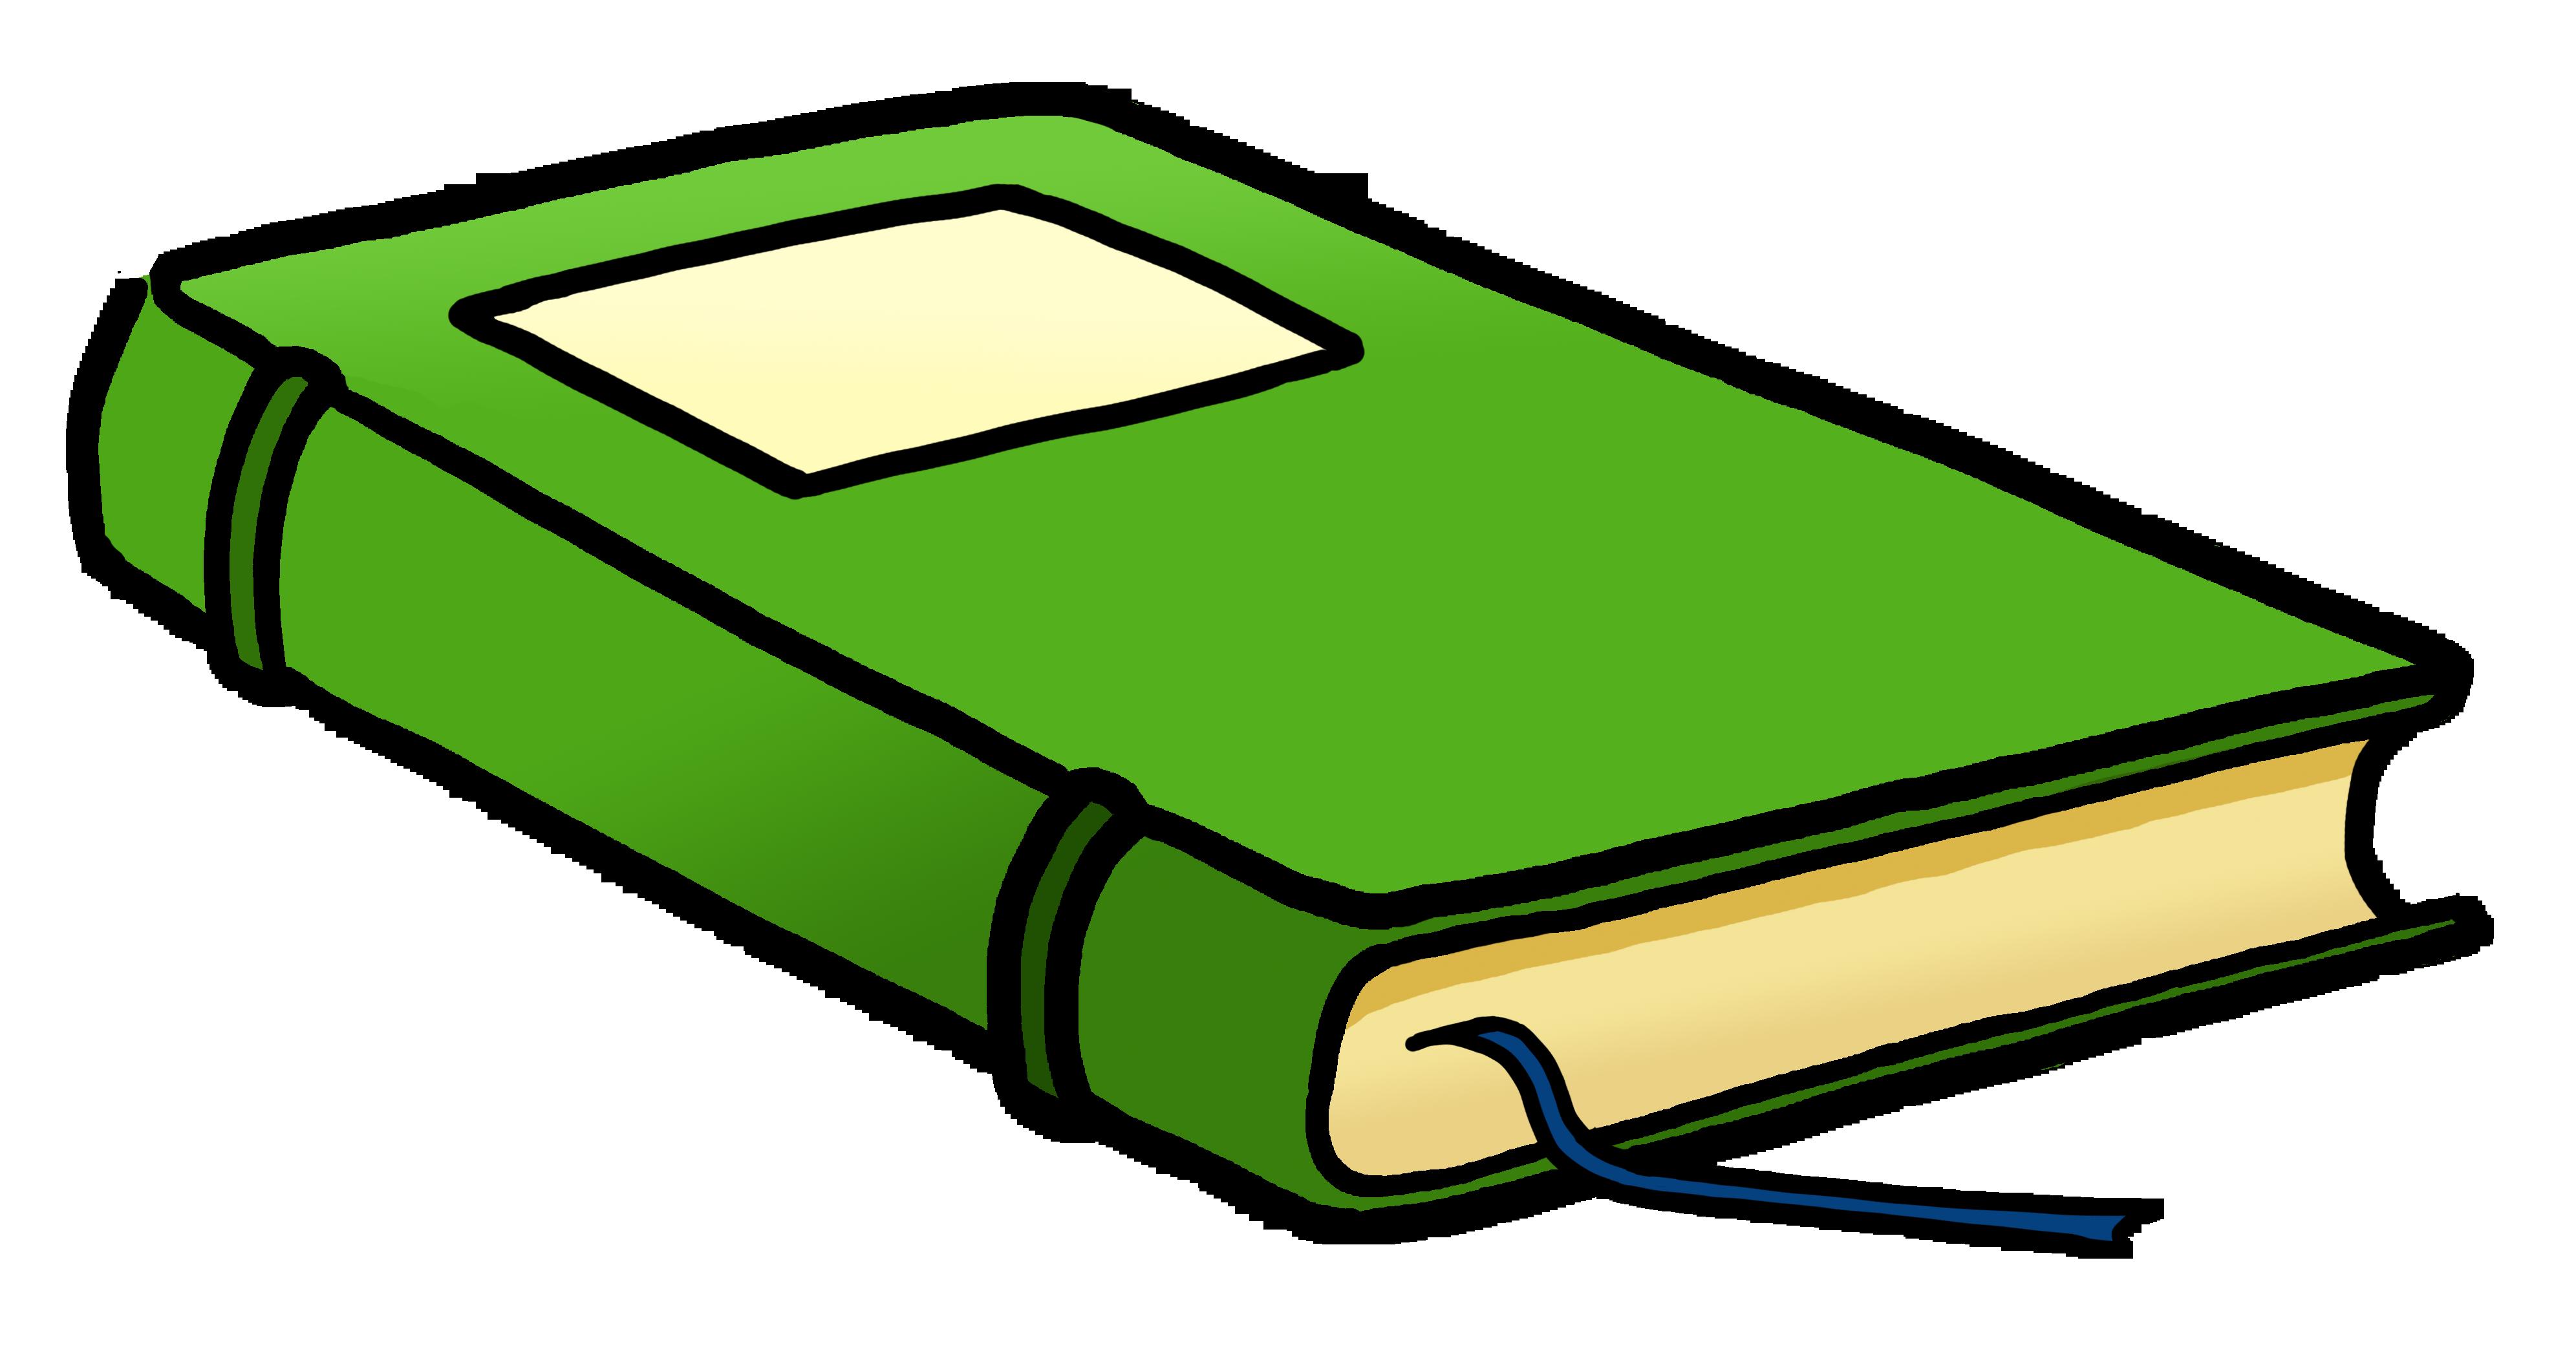 Book Clip Art: Book Report Clip Art-Book Clip Art: Book report clip art-5